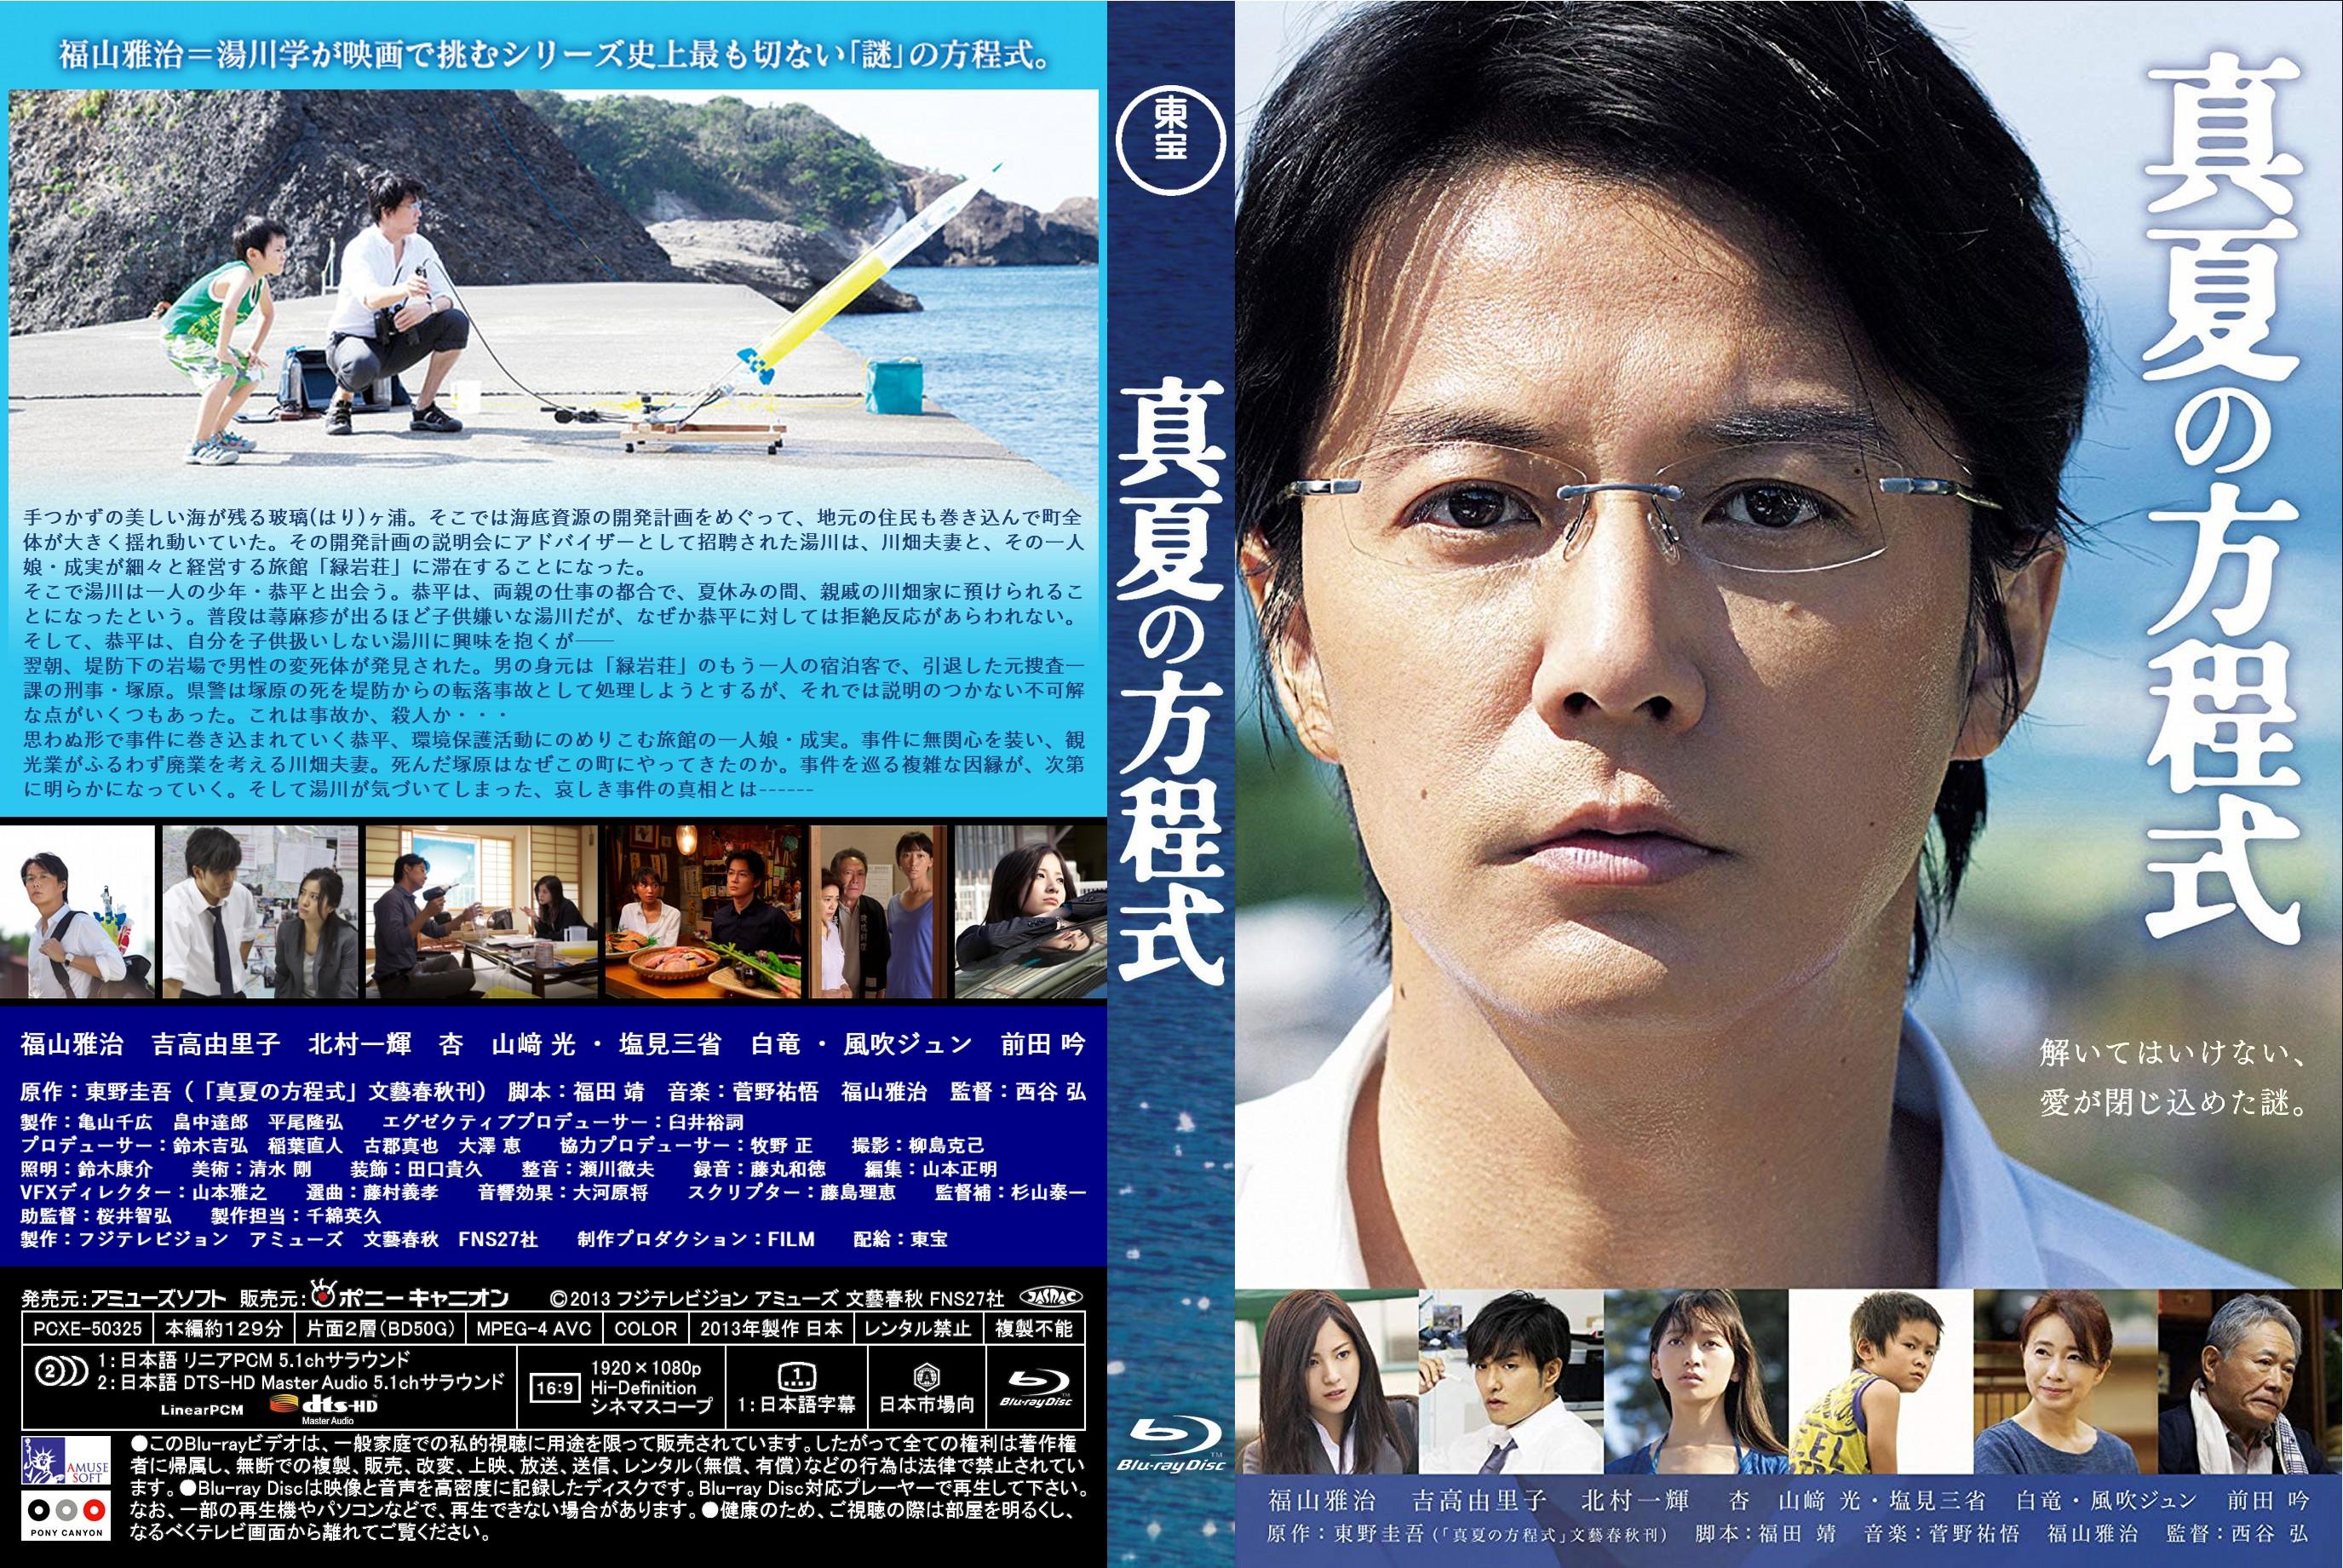 MANATSU_NO_HOUTEISHIKI_t.jpg